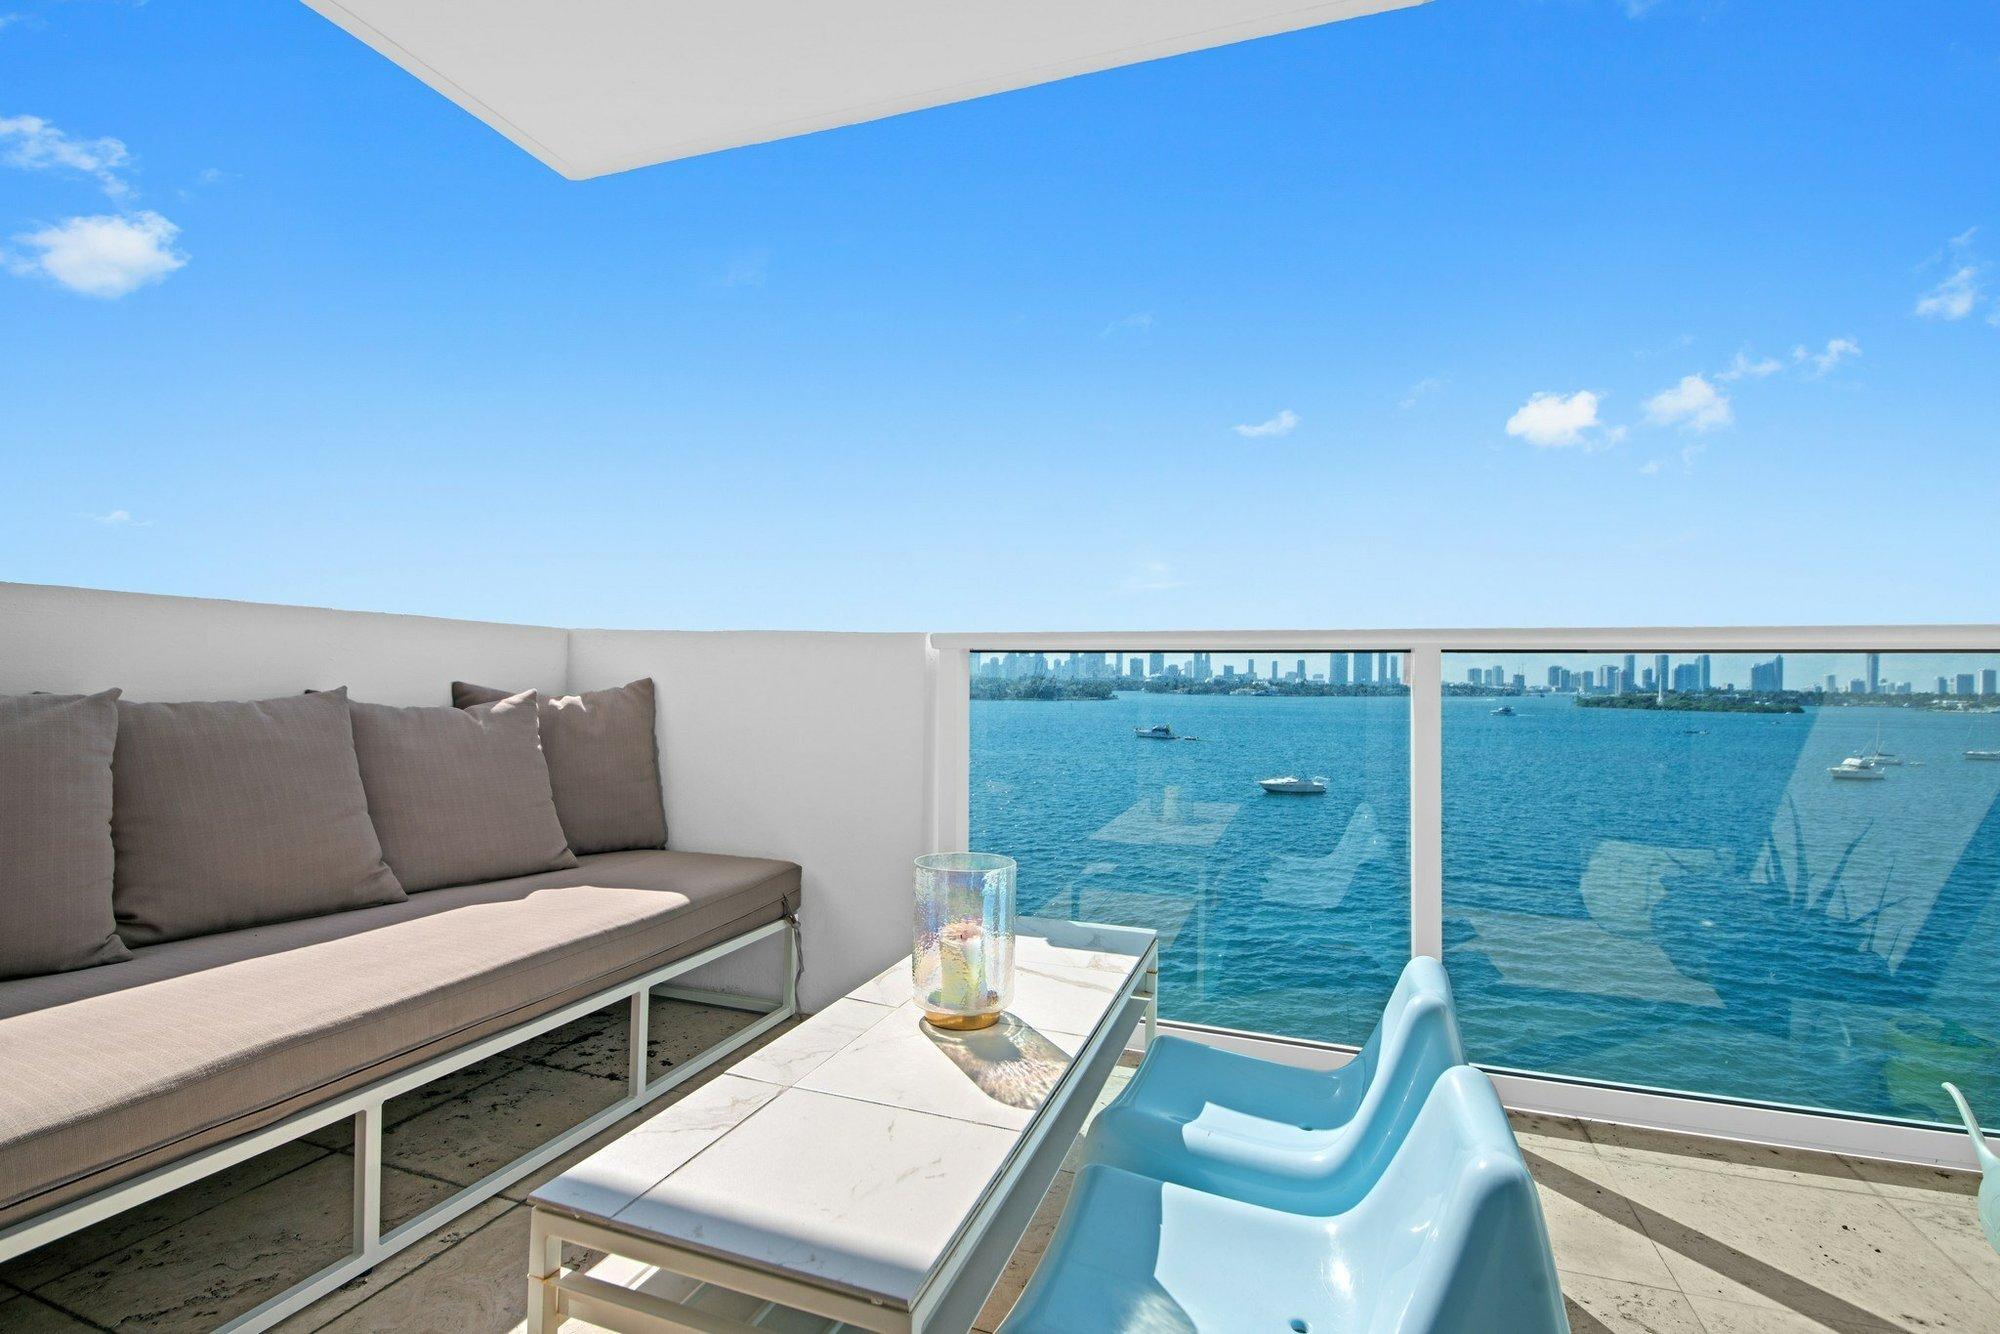 Condo in Miami Beach, Florida, United States 1 - 11559830